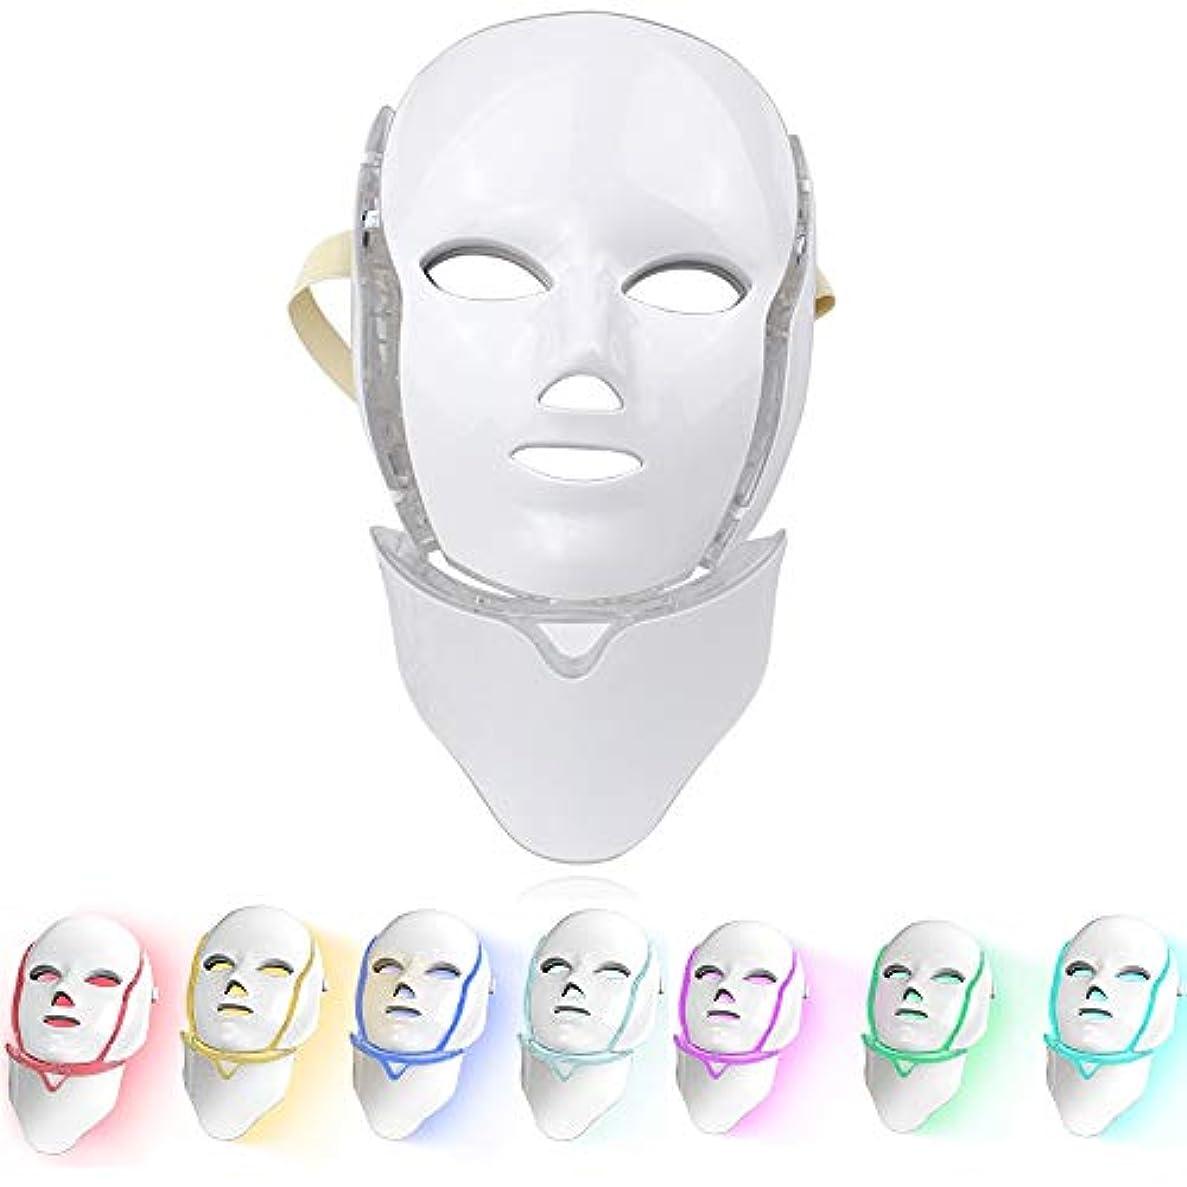 議会ハシー氷7色LED顔面美容スキンケアの若返りシワ除去女性のためのアンチエイジング電気デバイス